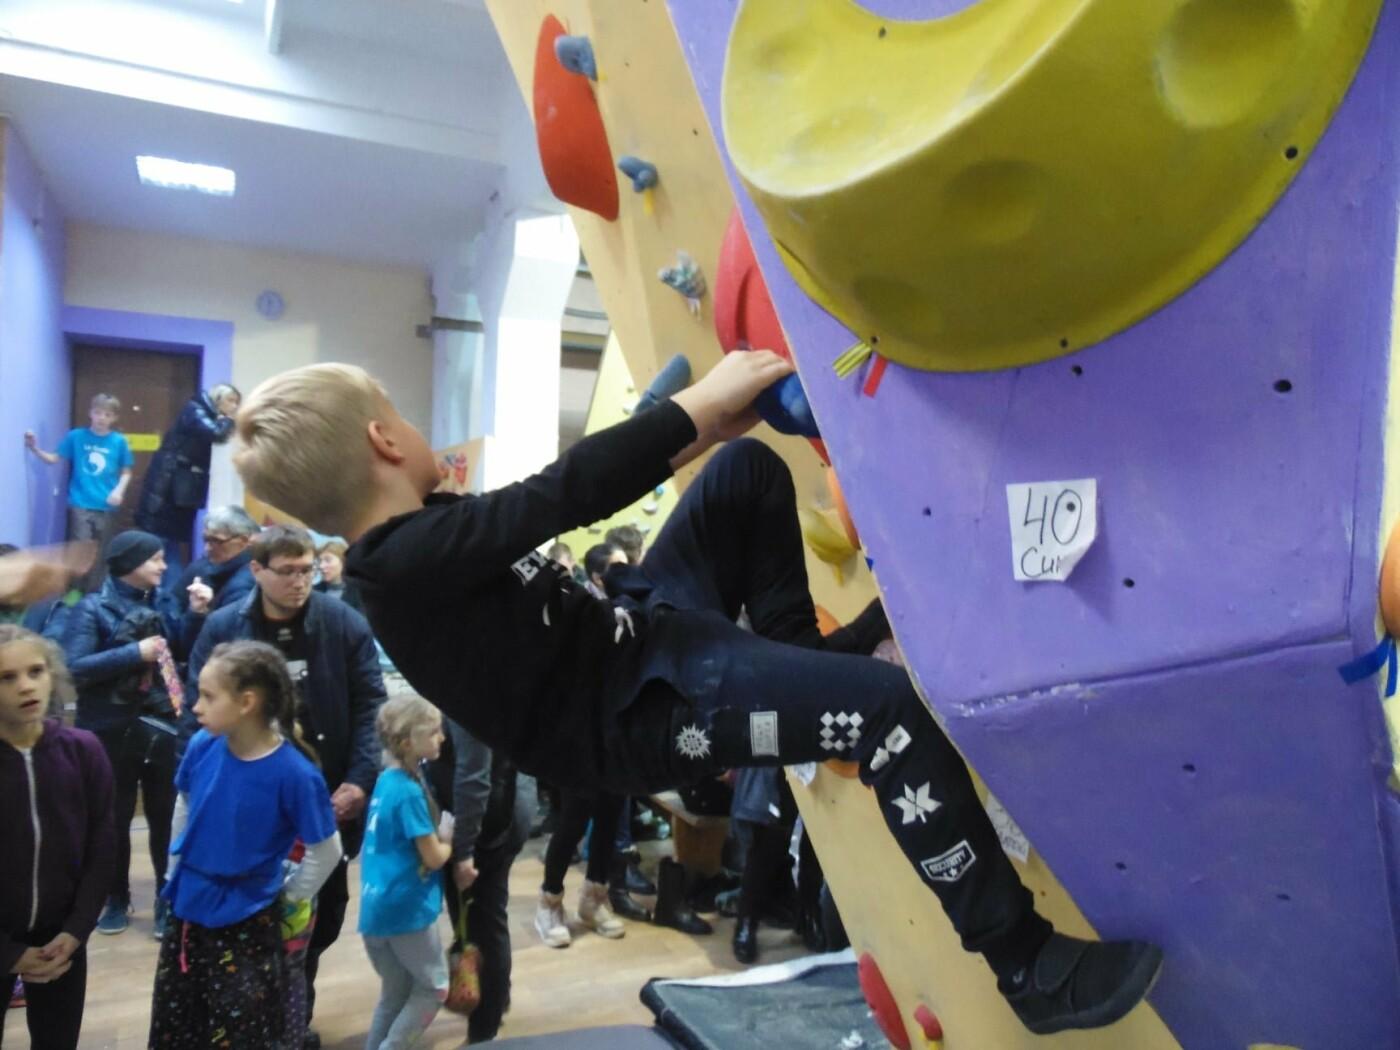 Павлоградские скалолазы преодолели почти полсотни маршрутов на чемпионате по скалолазанию, фото-7